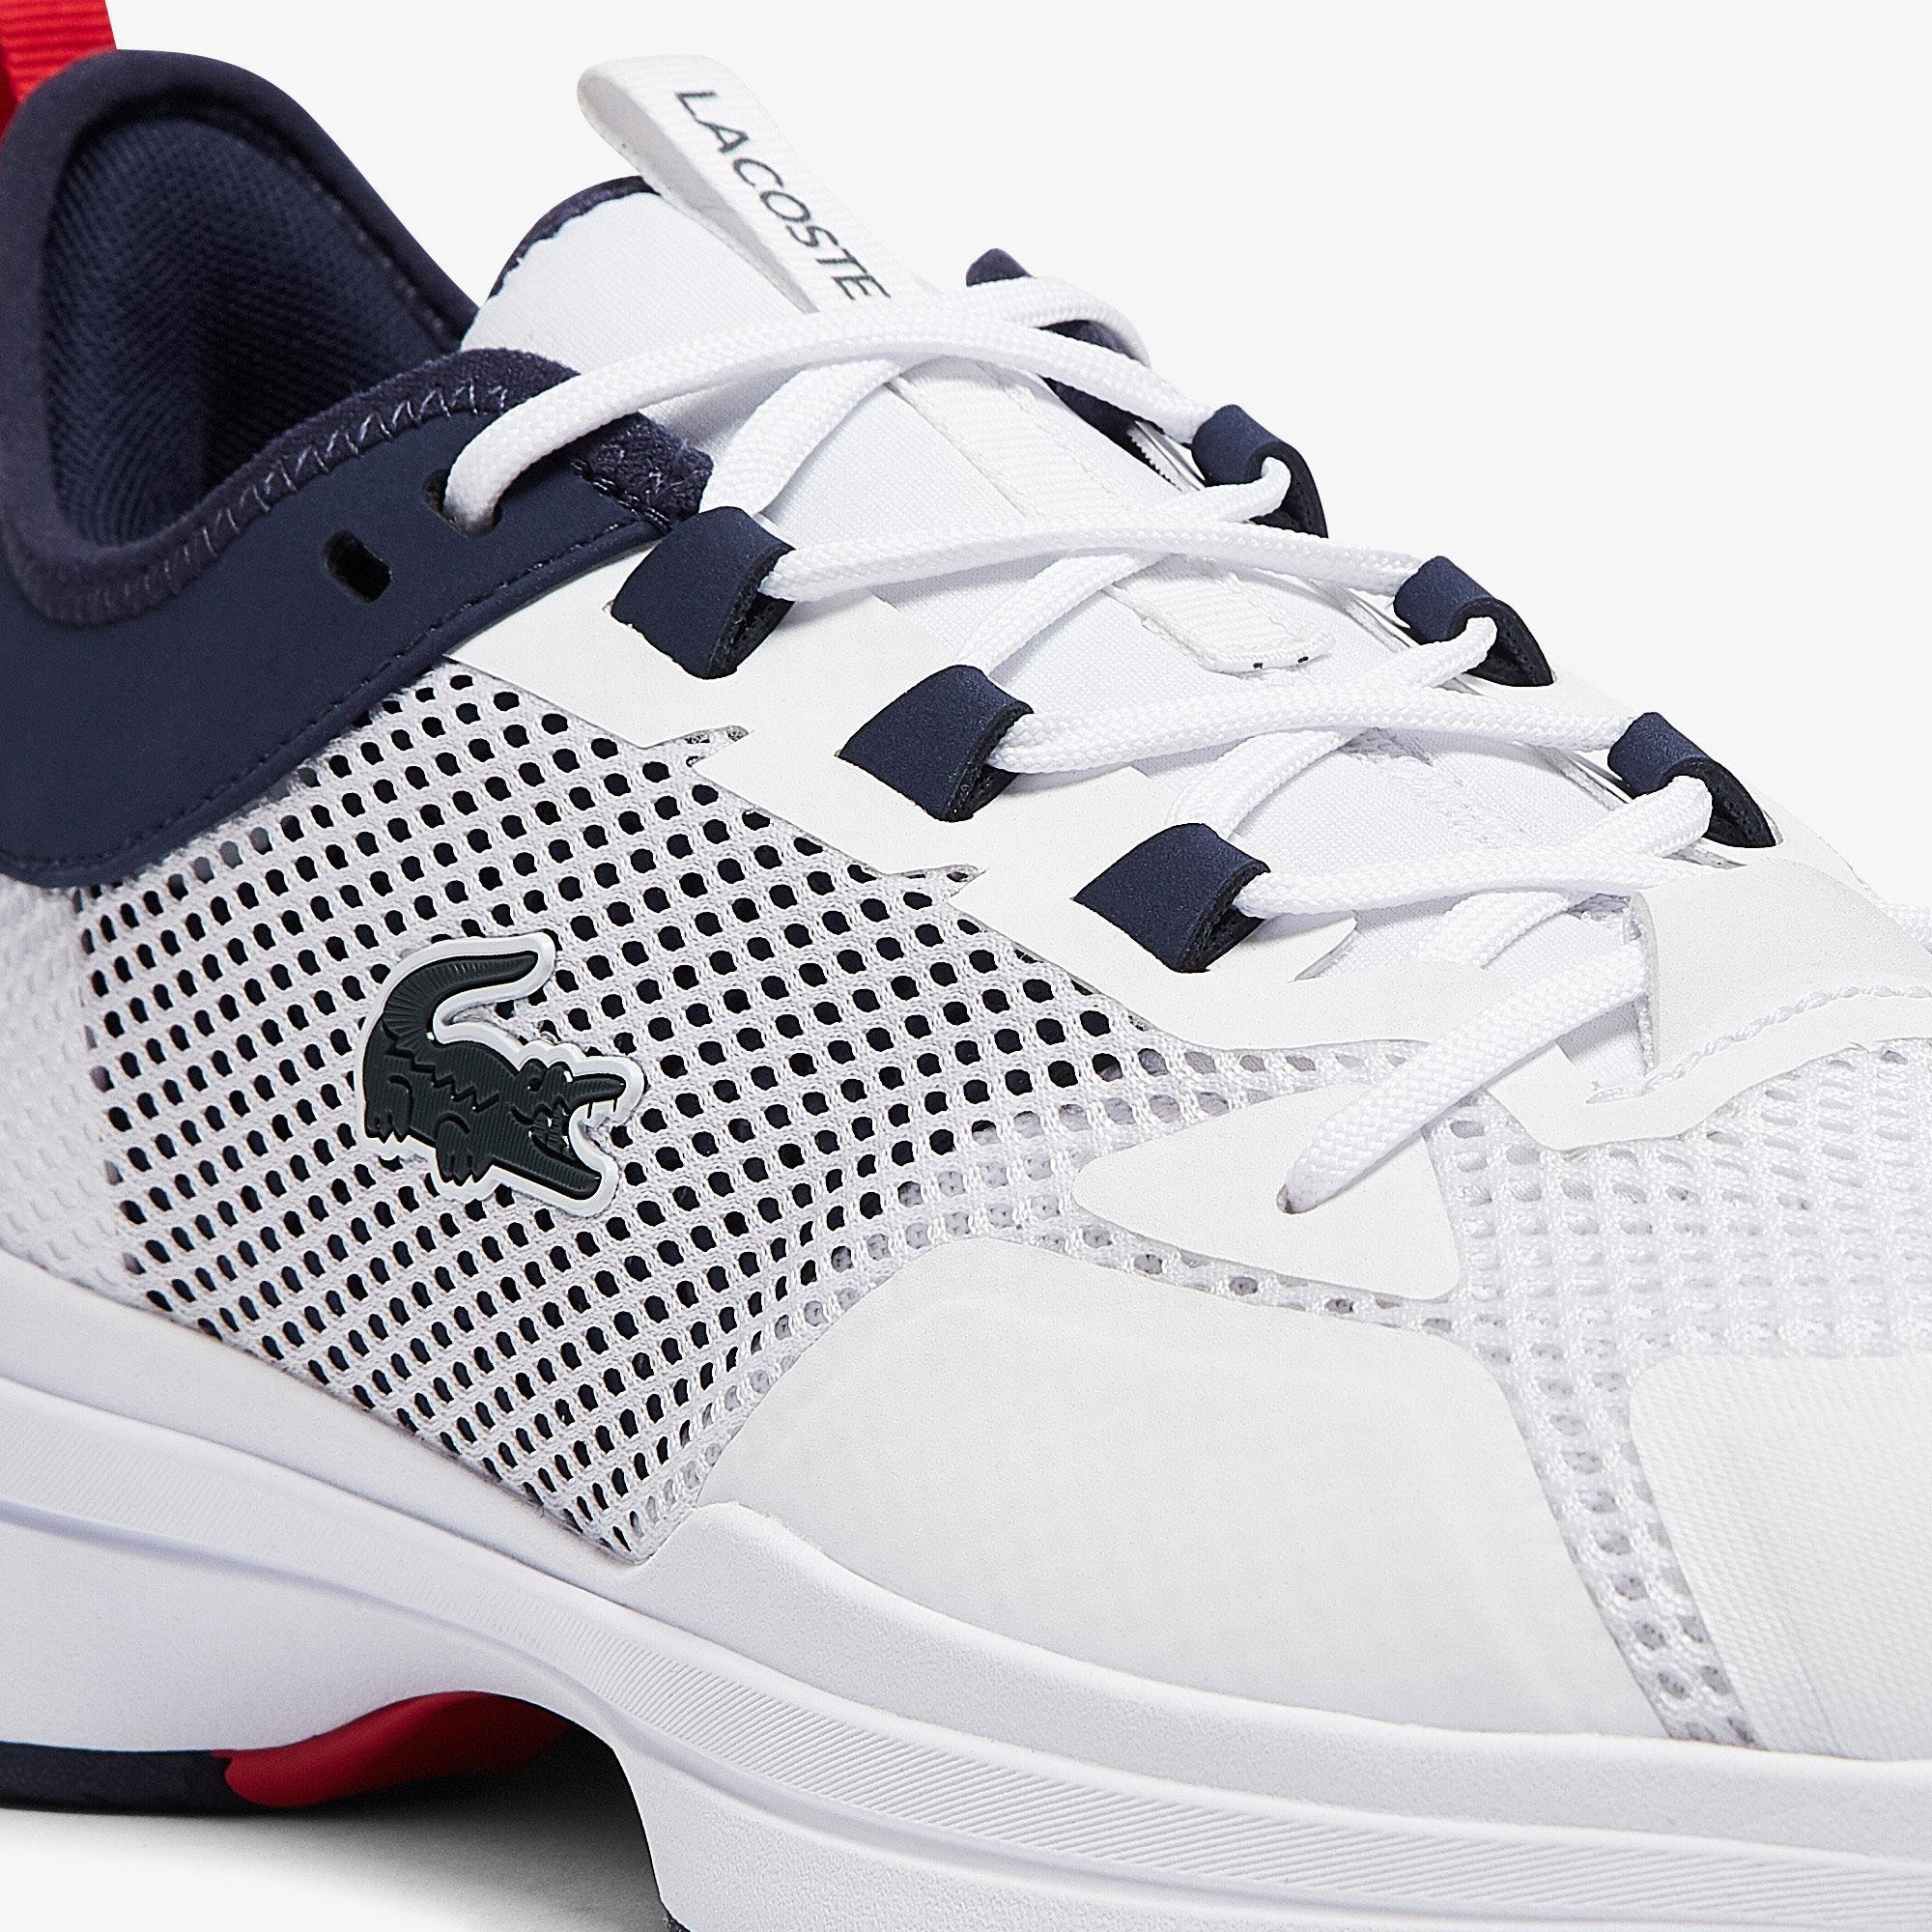 Lacoste Men's Ag-Lt21 0921 1 Sma Shoes